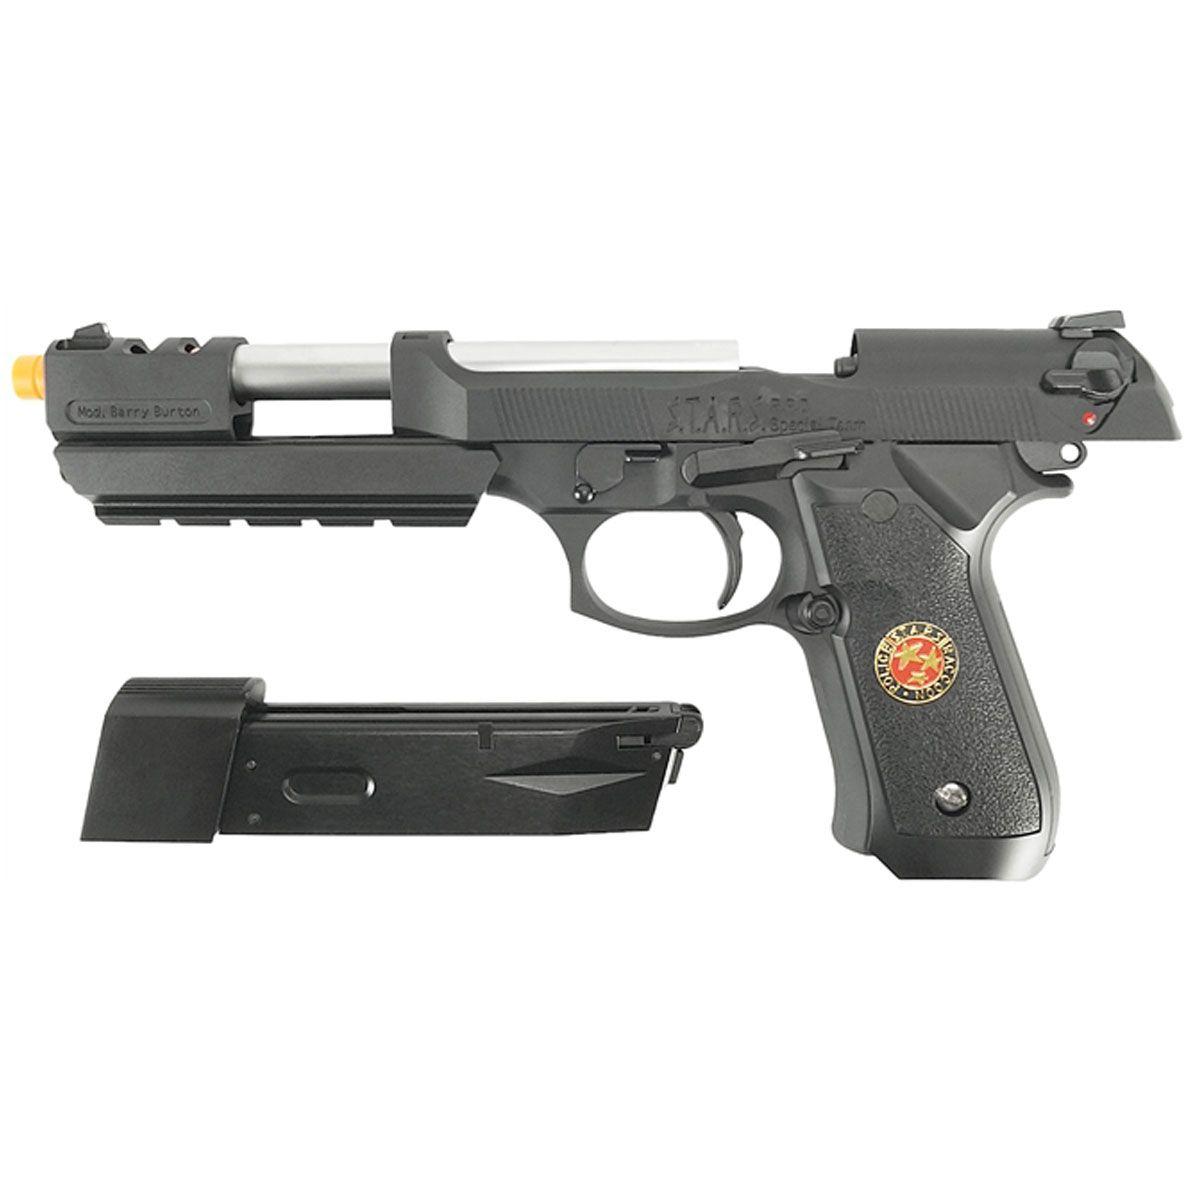 Pistola de Airsoft WE M92 Biohazard Barry Burton Black GBB